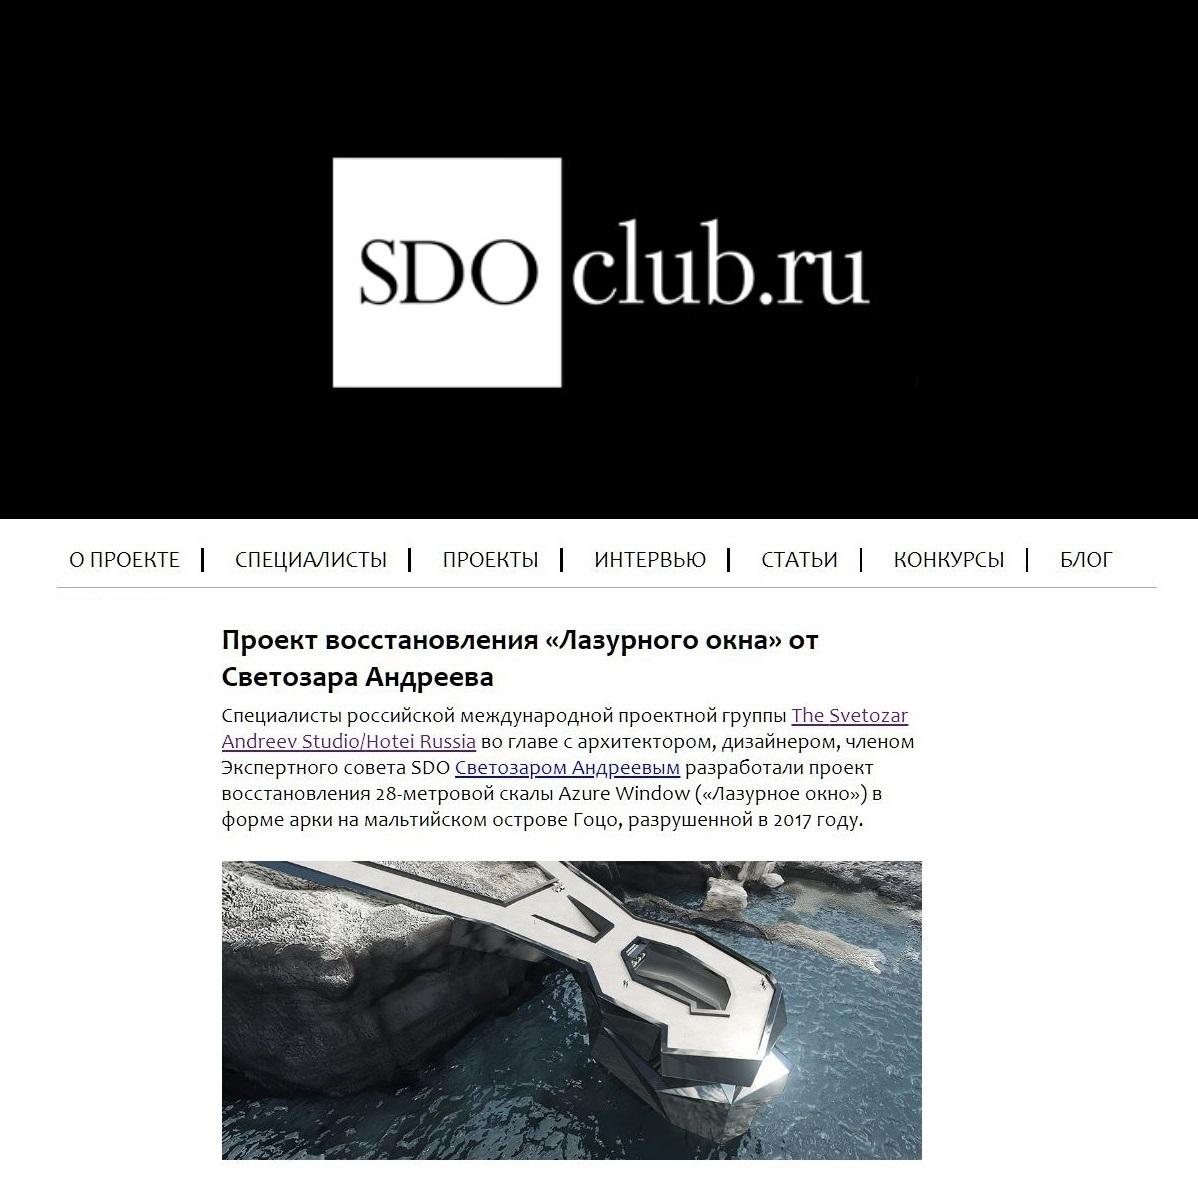 SDO CLUB